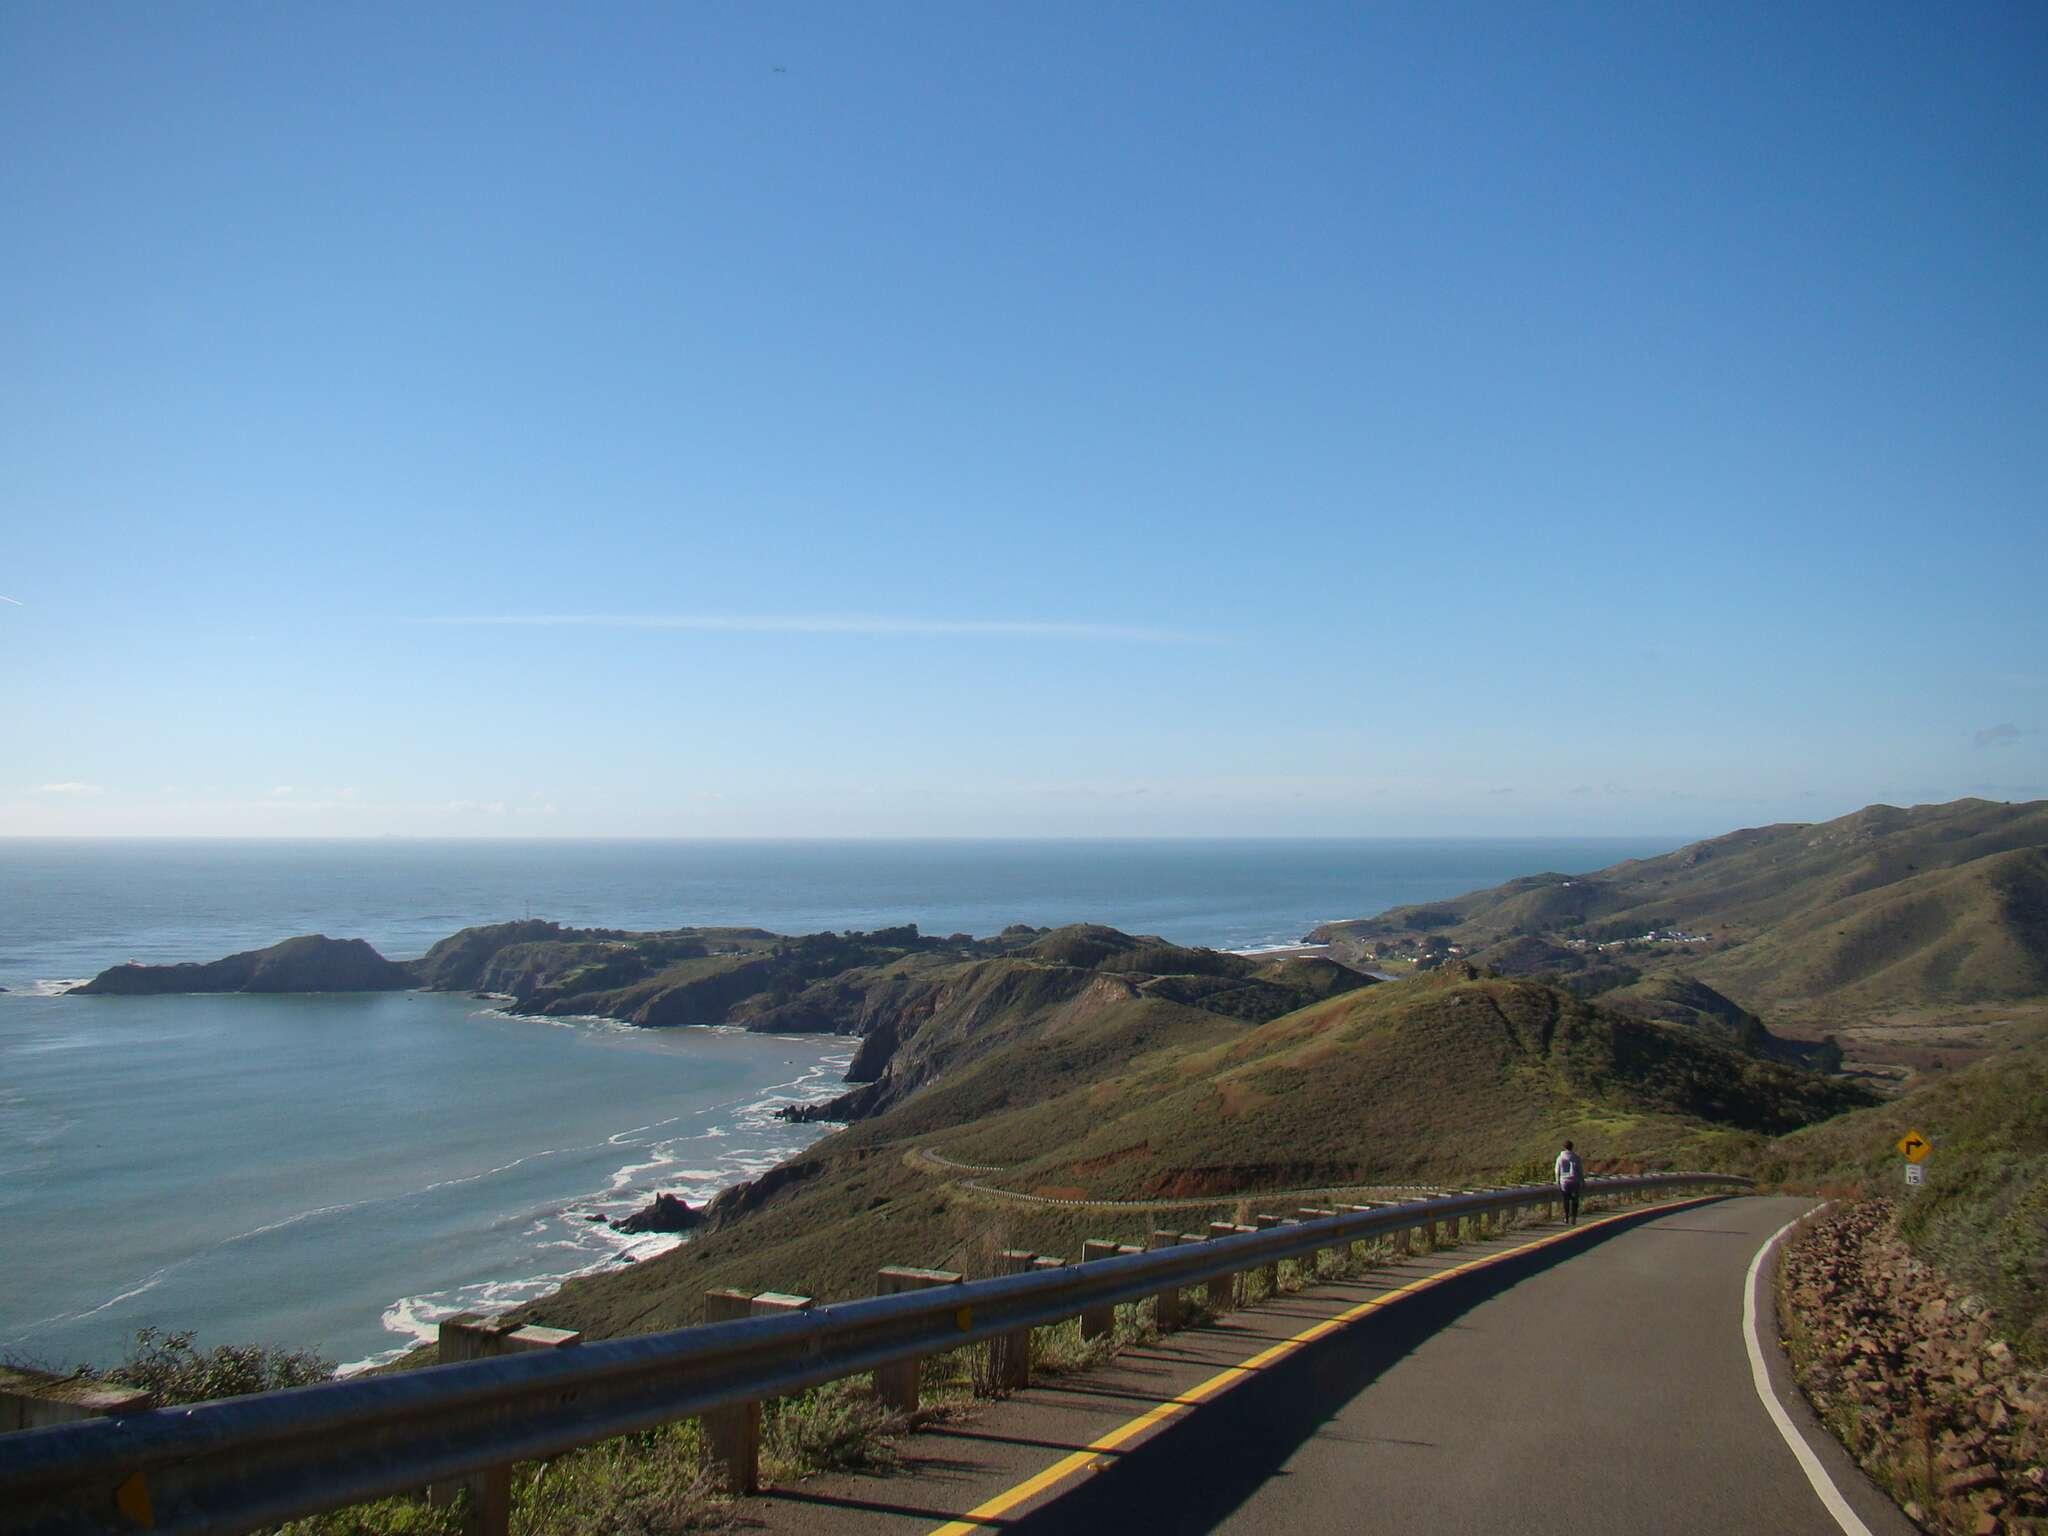 Descendo a estrada - Marin Headlands